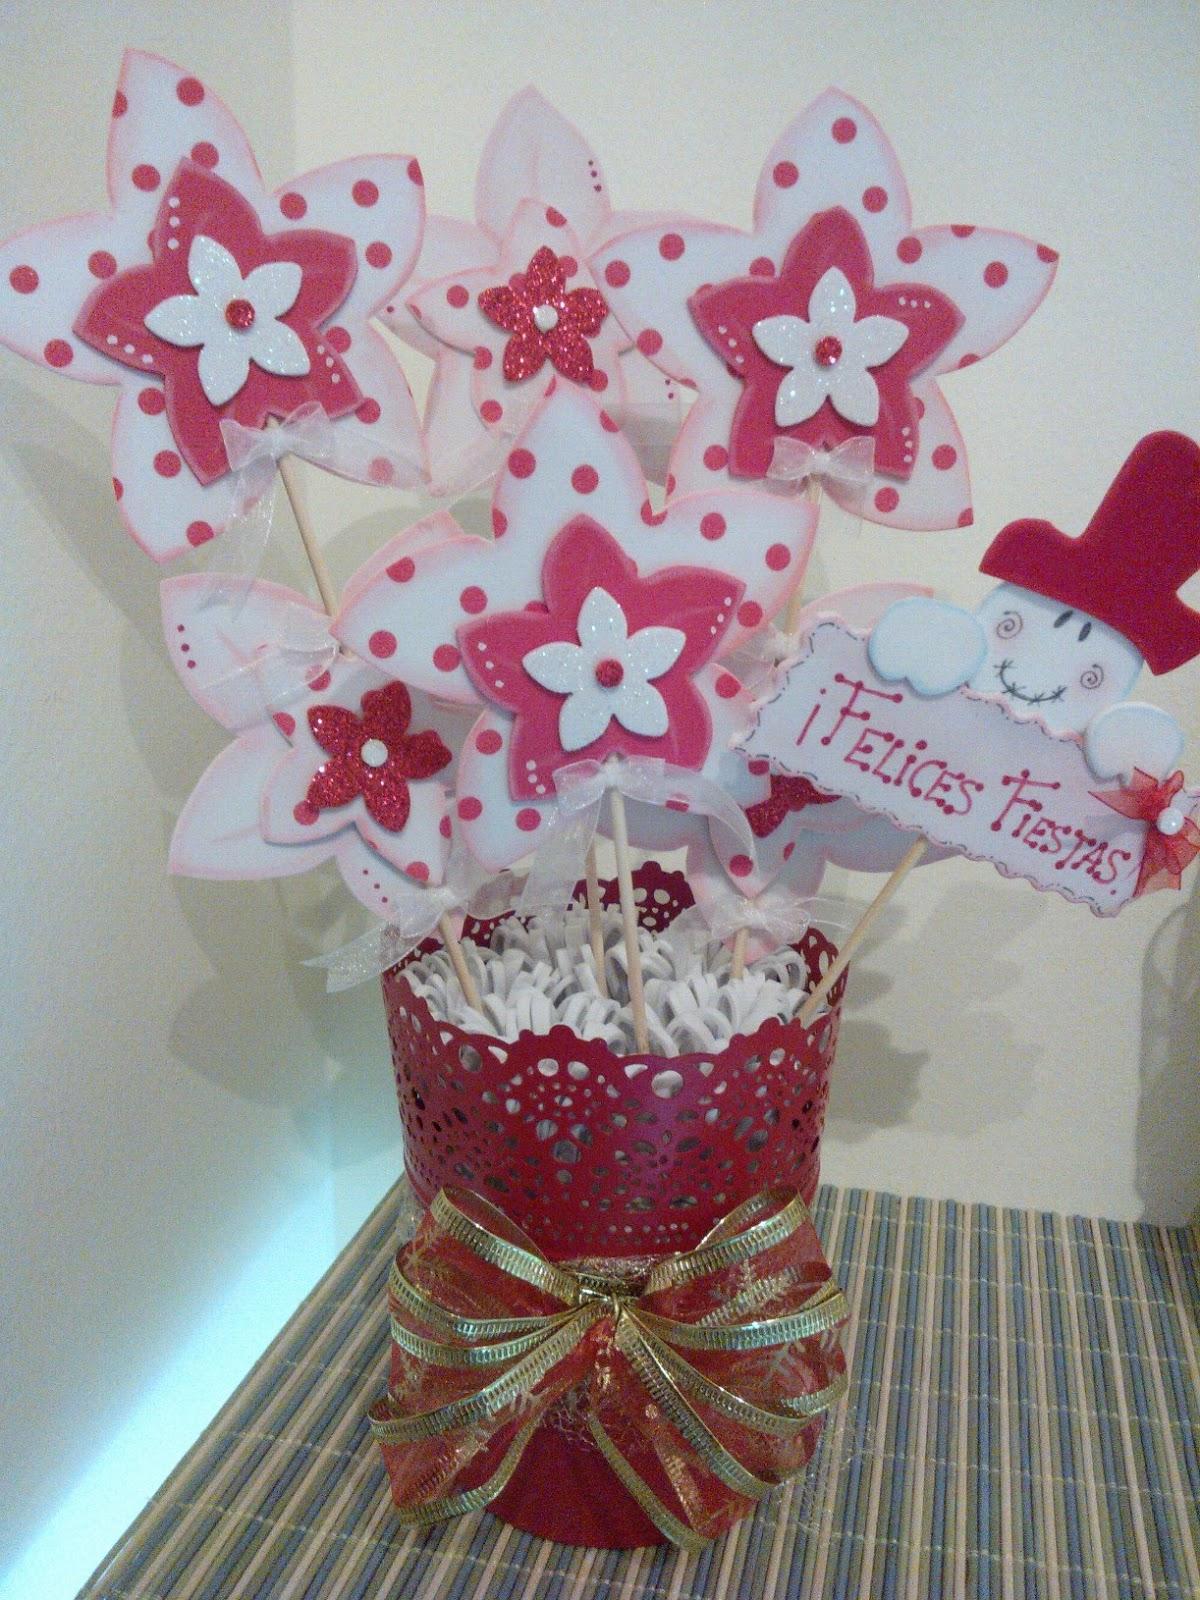 Cucadas de mami macetas decoradas goma eva para navidad - Detalles de navidad manualidades ...